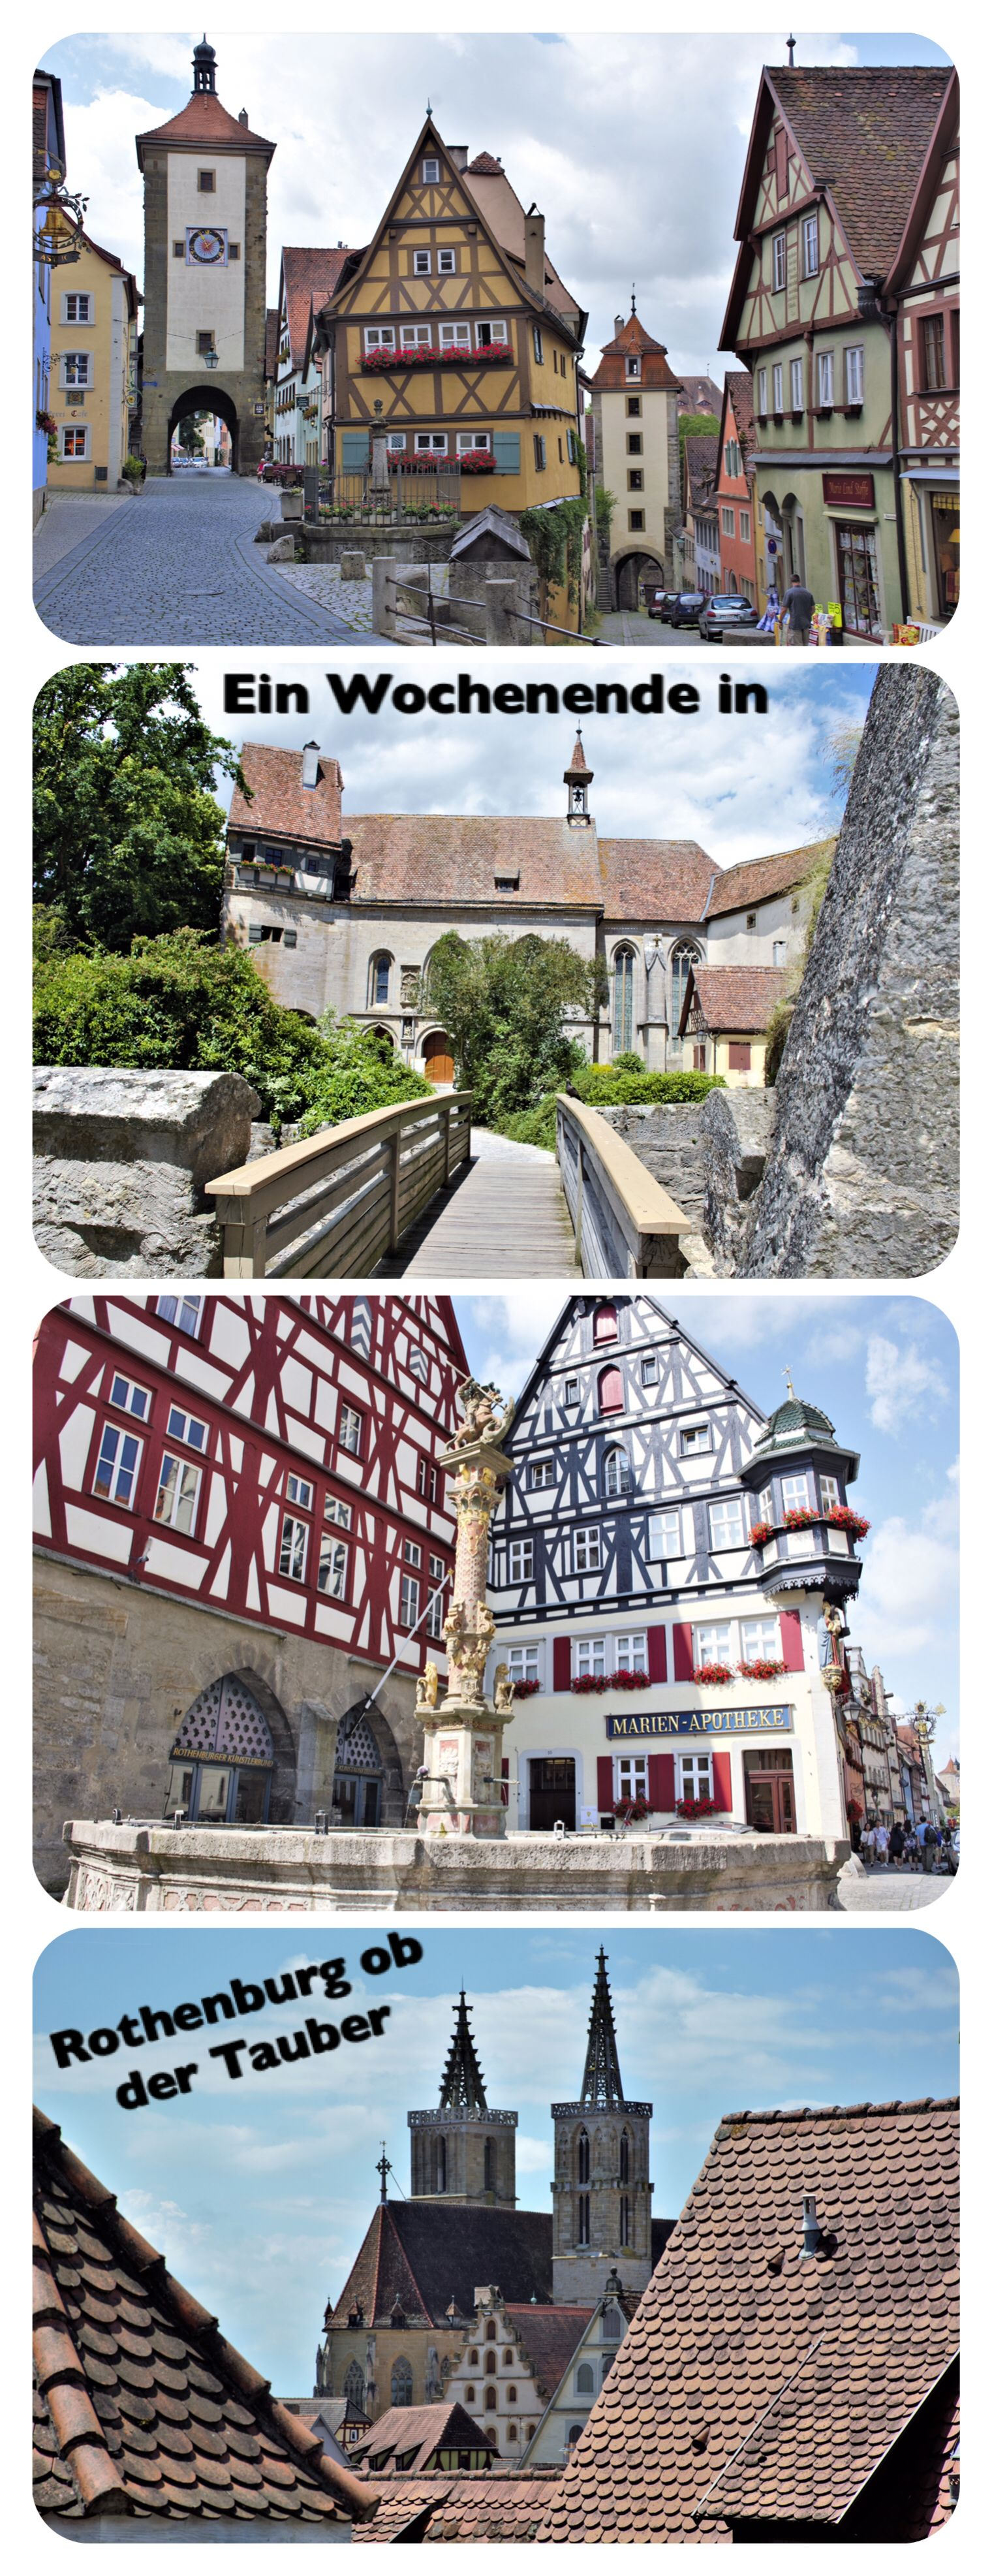 Photo of Wochenende in Rothenburg ob der Tauber